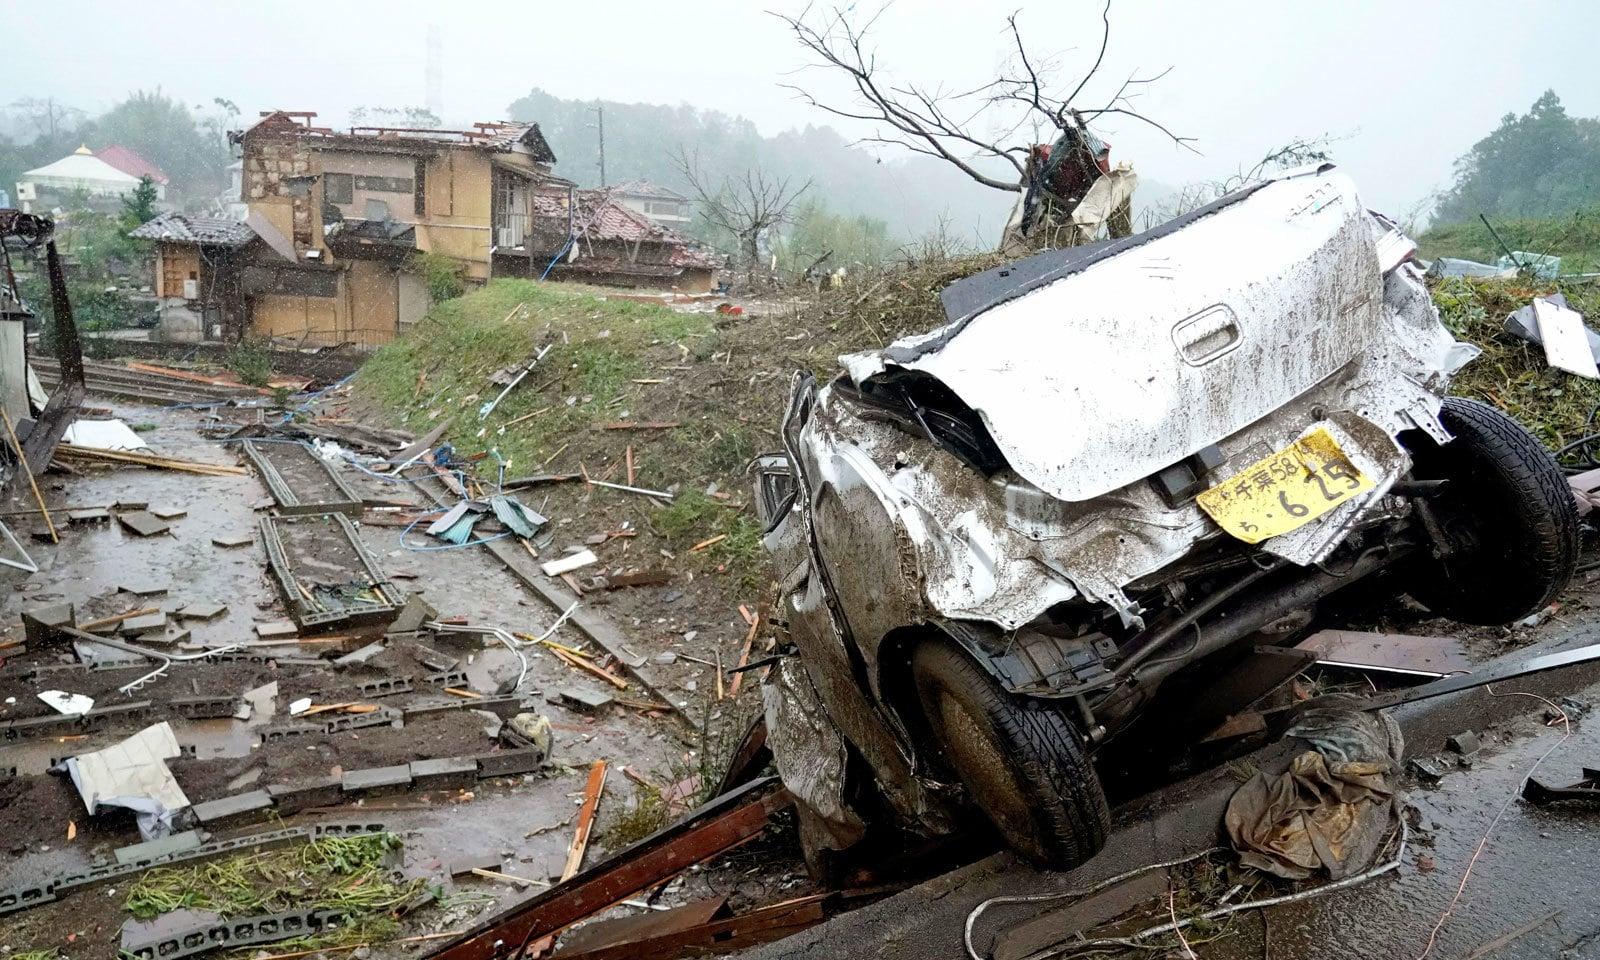 مشرقی ٹوکیو میں سیلابی صورتحال سے گھروں کو شدید نقصان پہنچا — فوٹو: اے پی